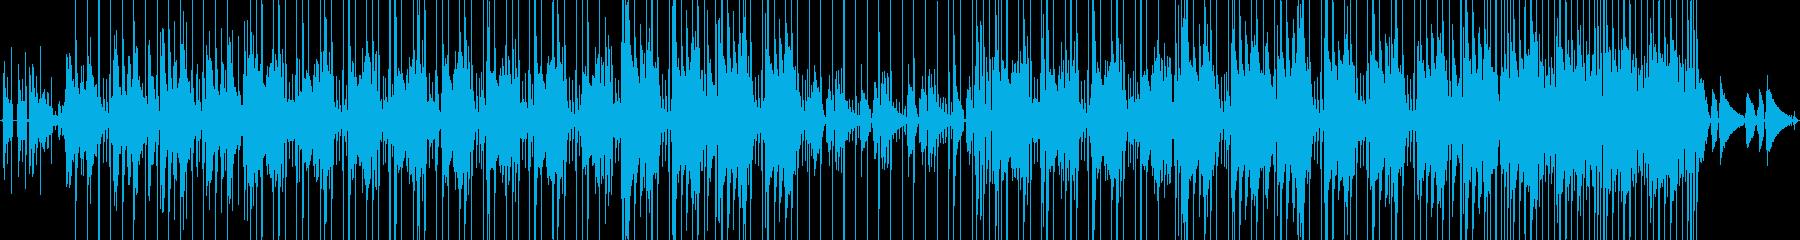 お洒落なJAZZ HIPHOPの再生済みの波形